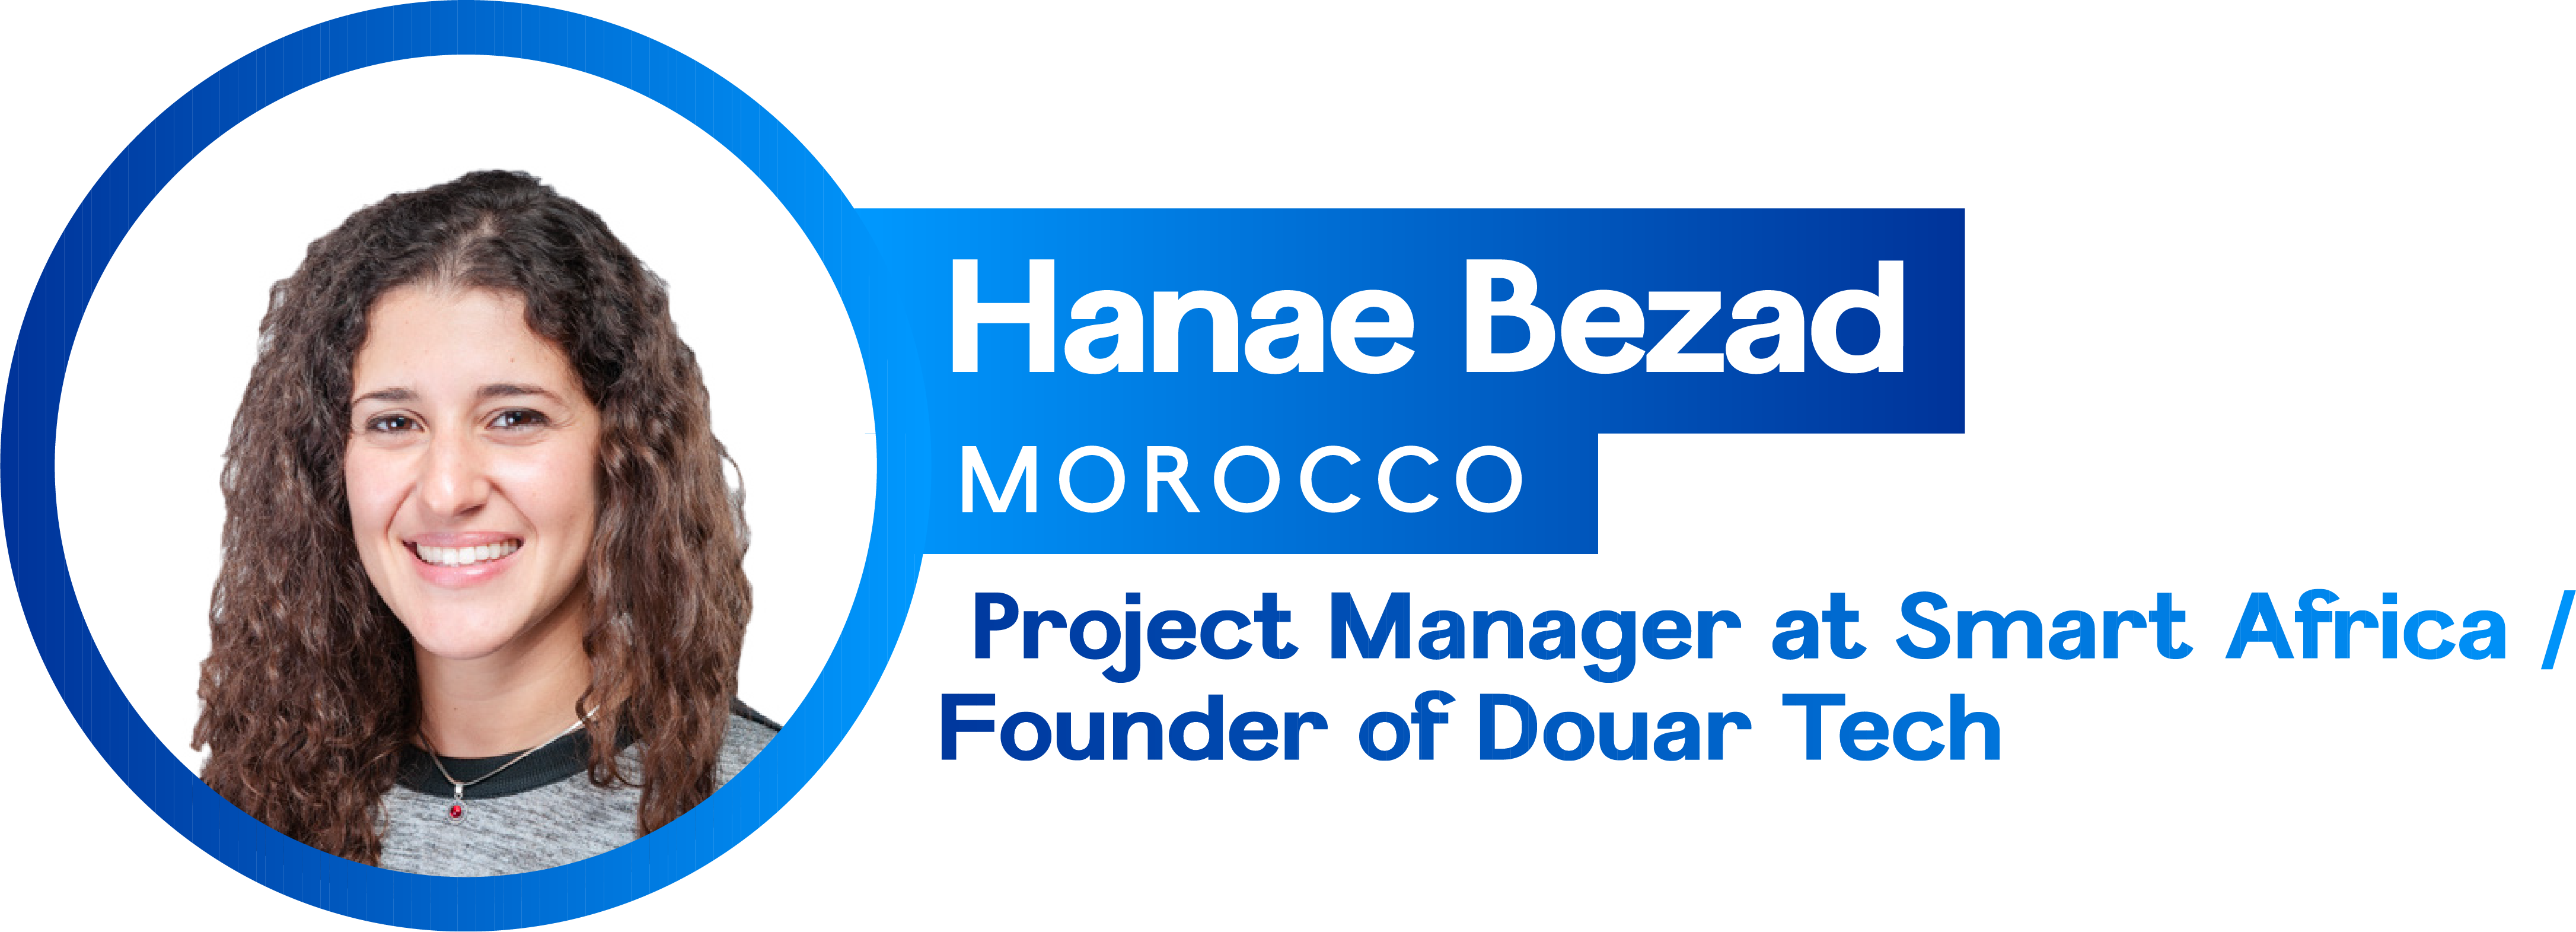 Hanae Bezad